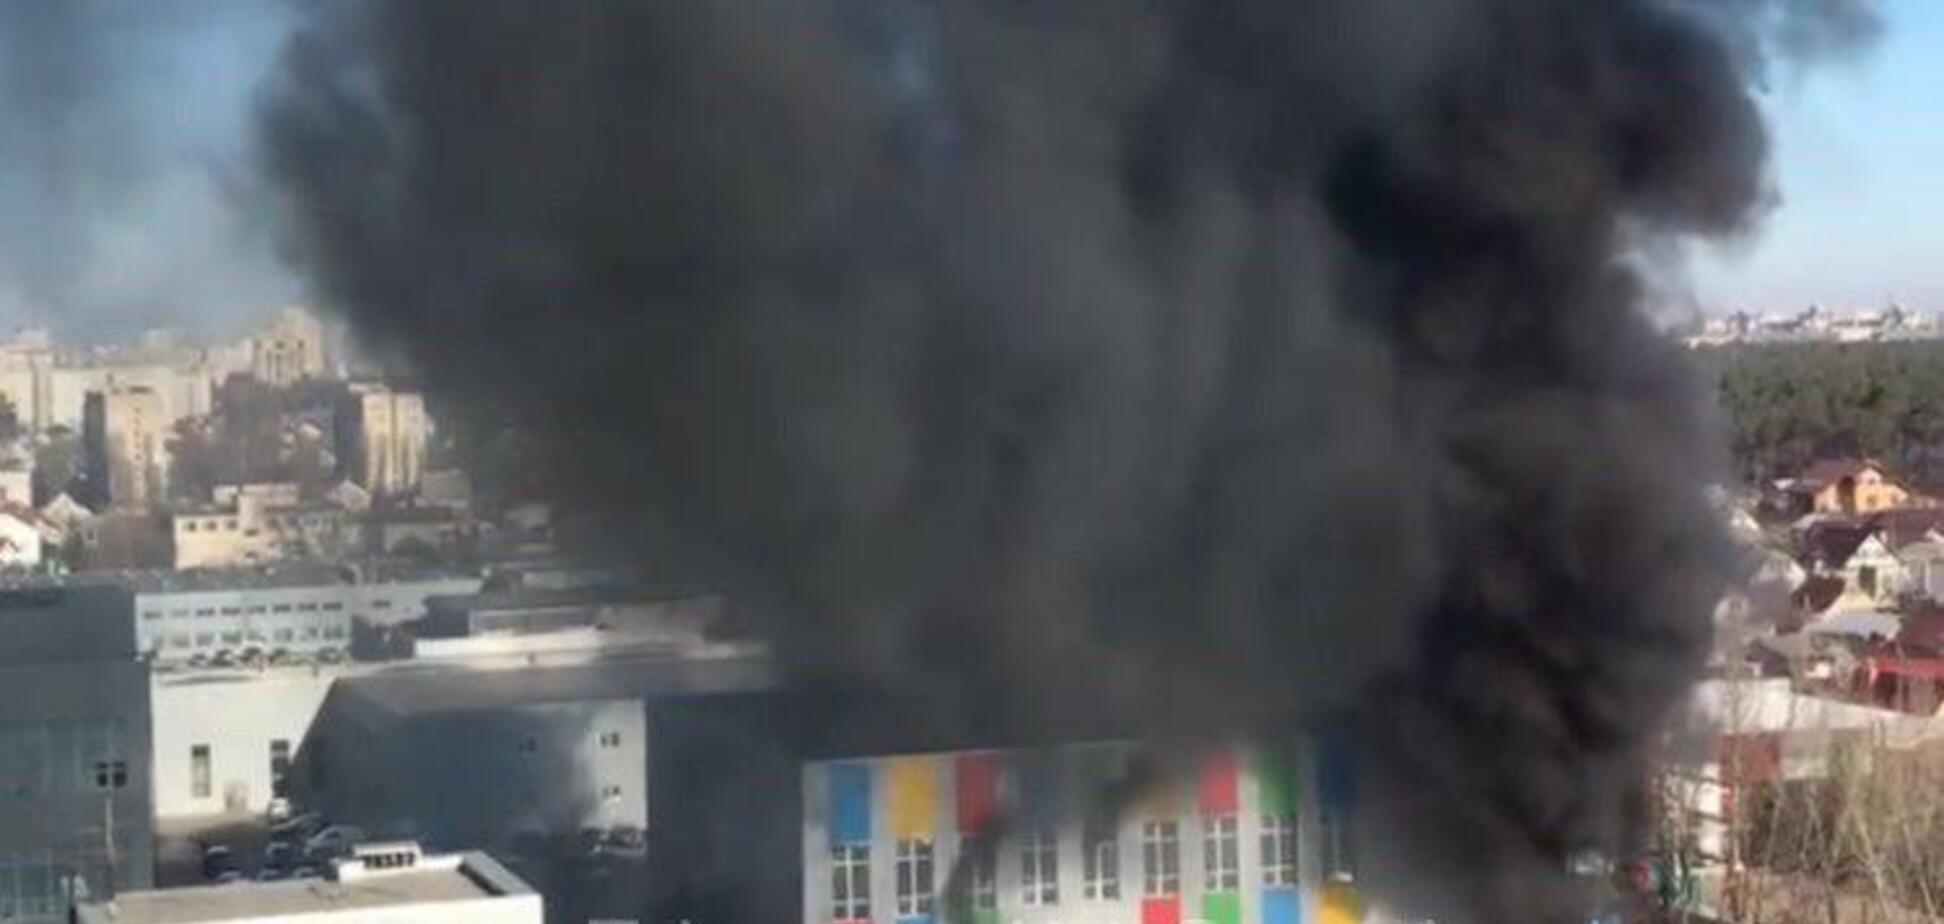 В Киеве вспыхнул мощный пожар в бизнес-центре: есть пострадавшие